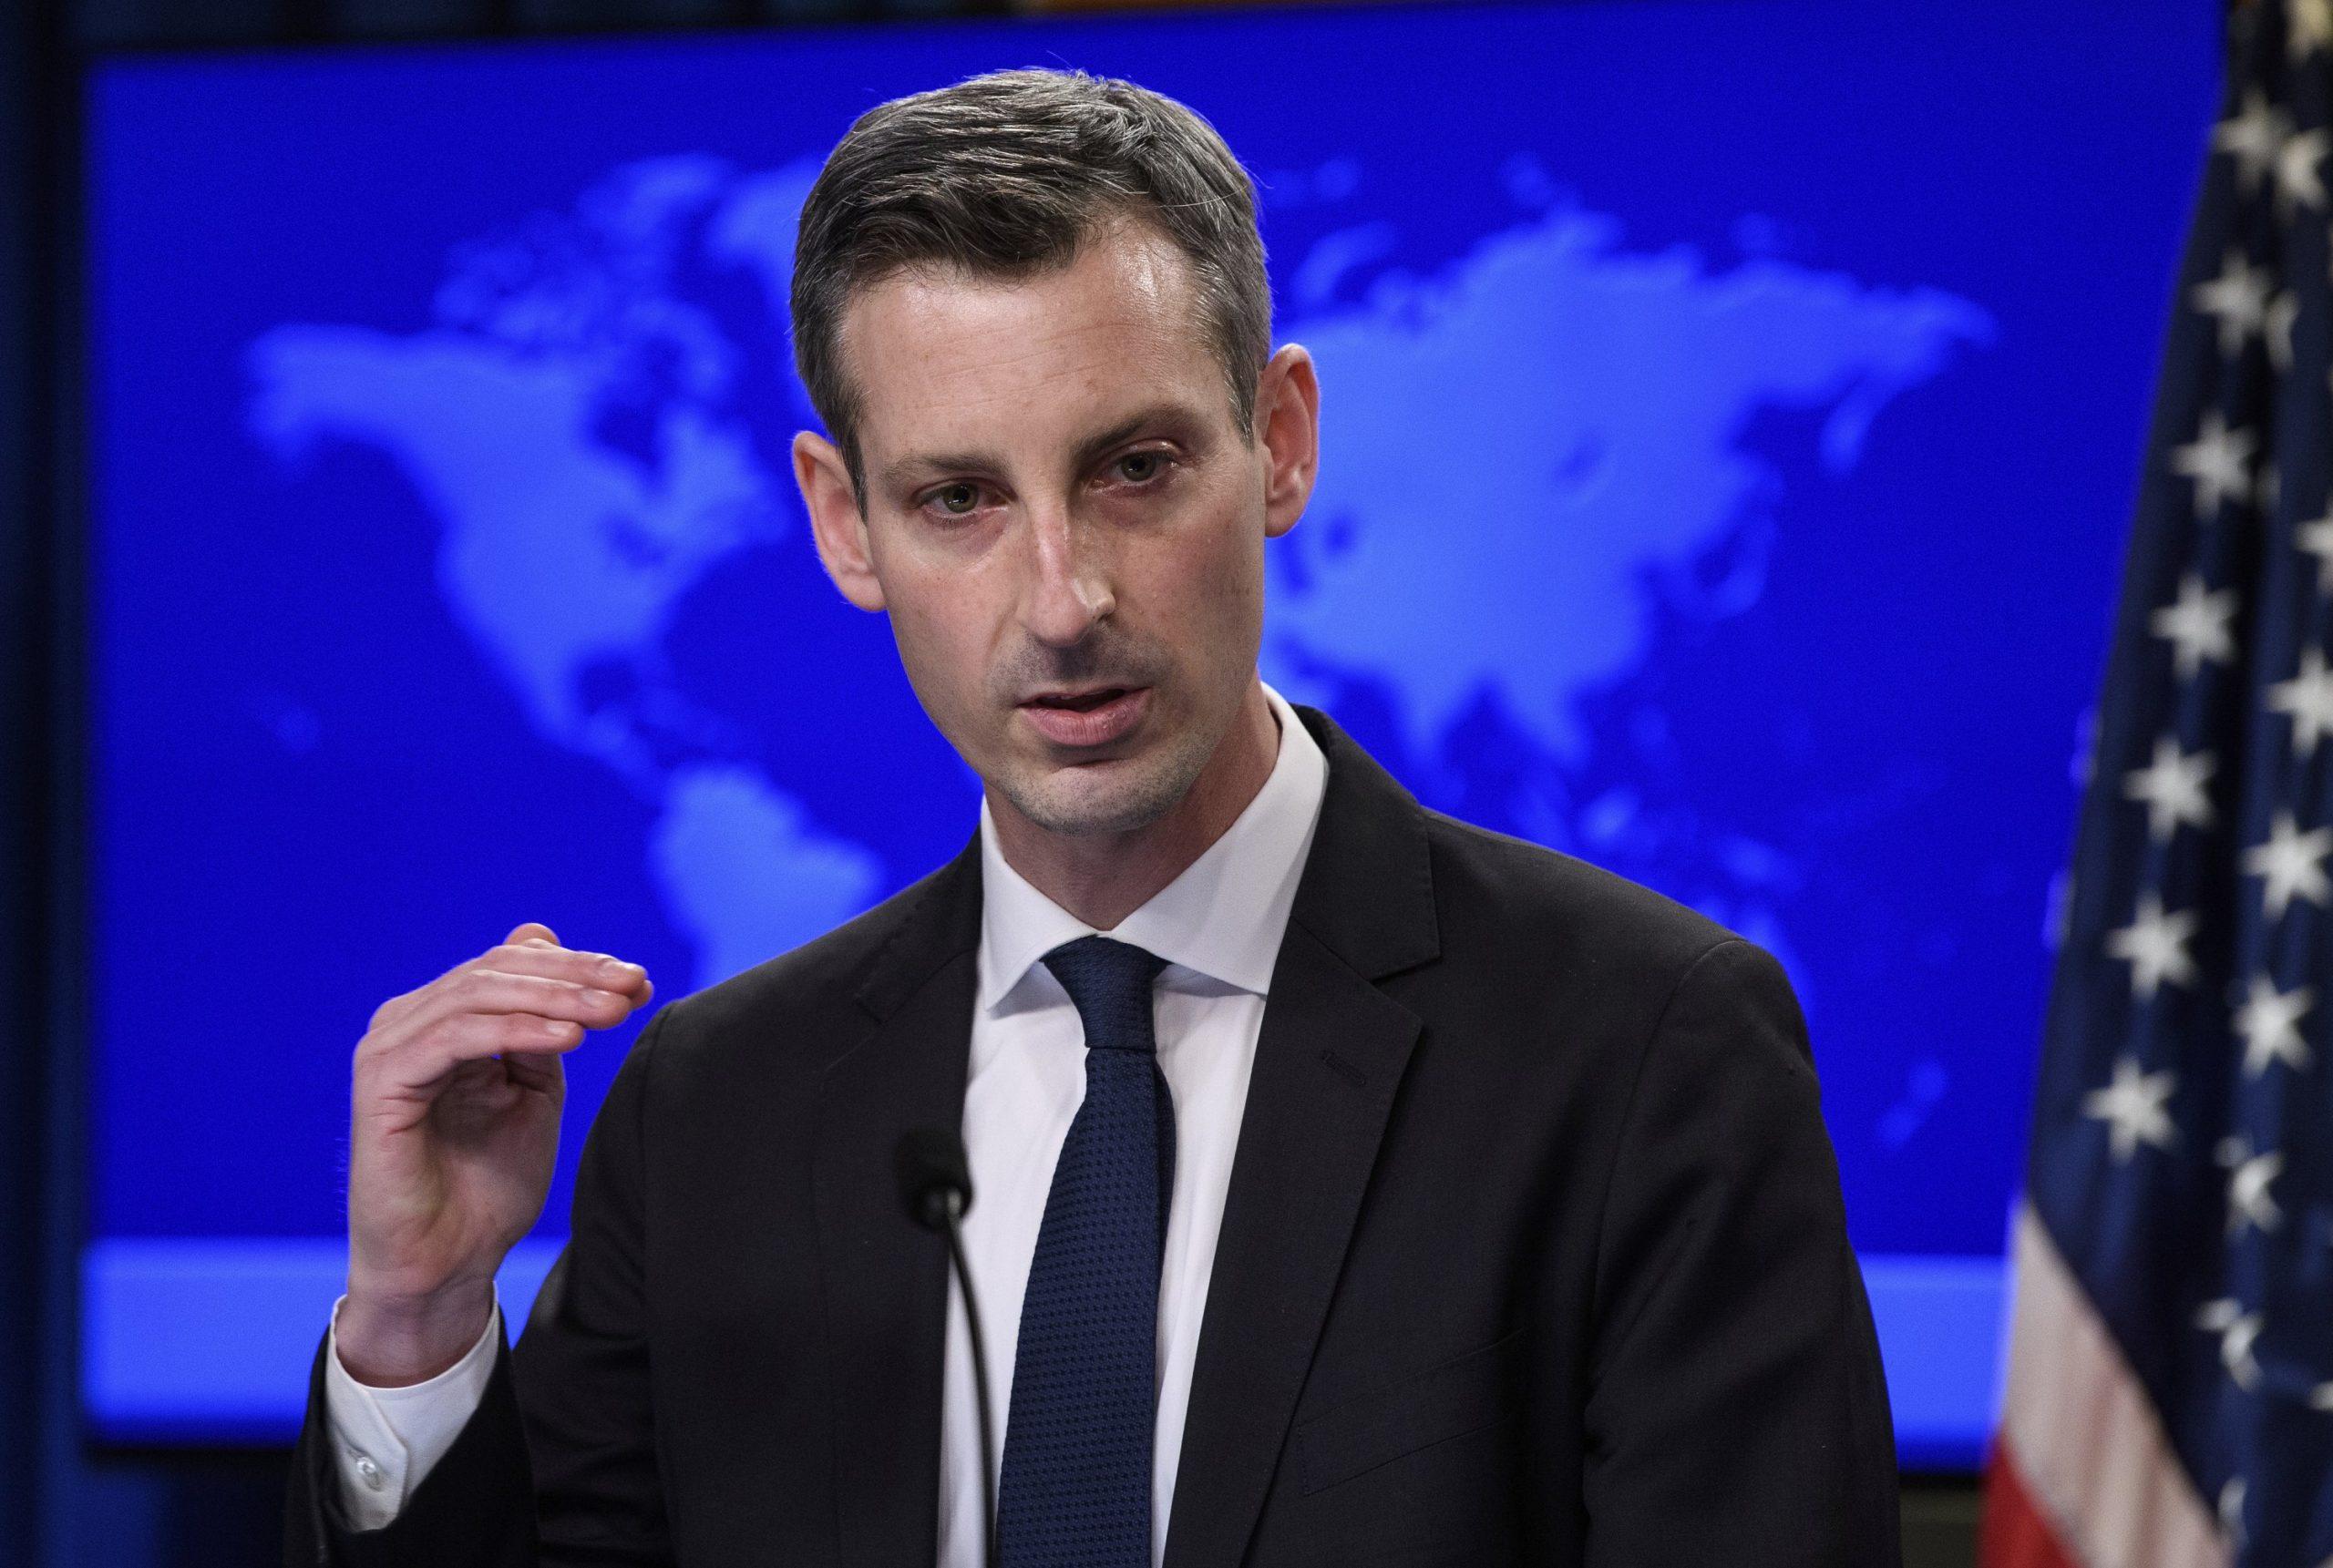 SHBA inkurajon qeverinë e re të Kosovës t'i japë përparësi dialogut me Serbinë